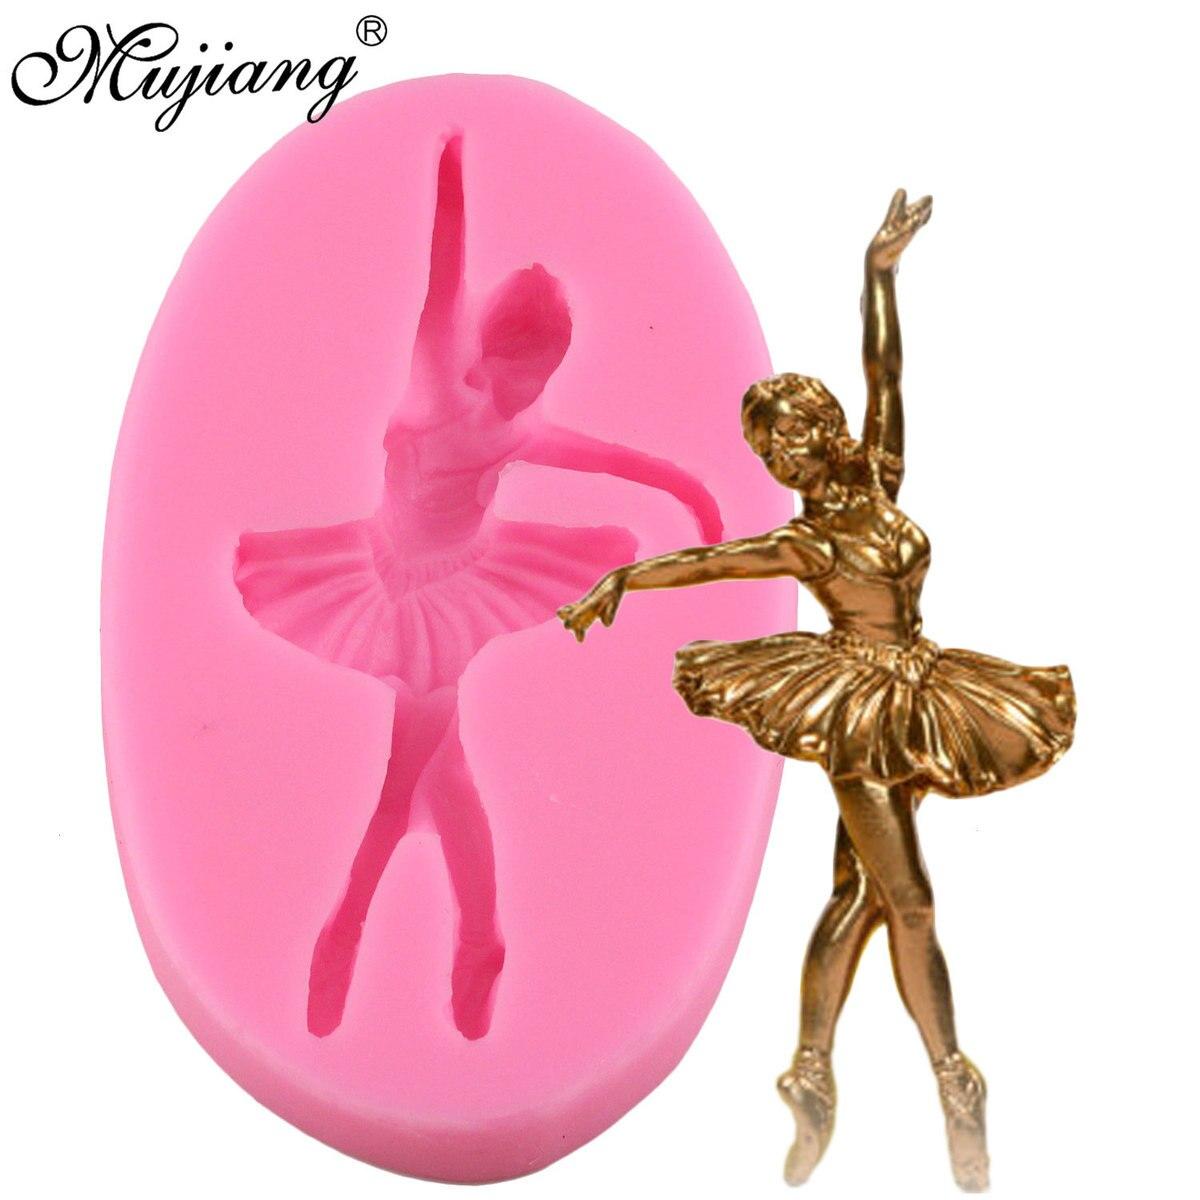 Mujiang 3D балетная девочка силиконовая форма для кексов Топпер искусственная выпечка кексов Конфеты инструменты для украшения тортов из масти...